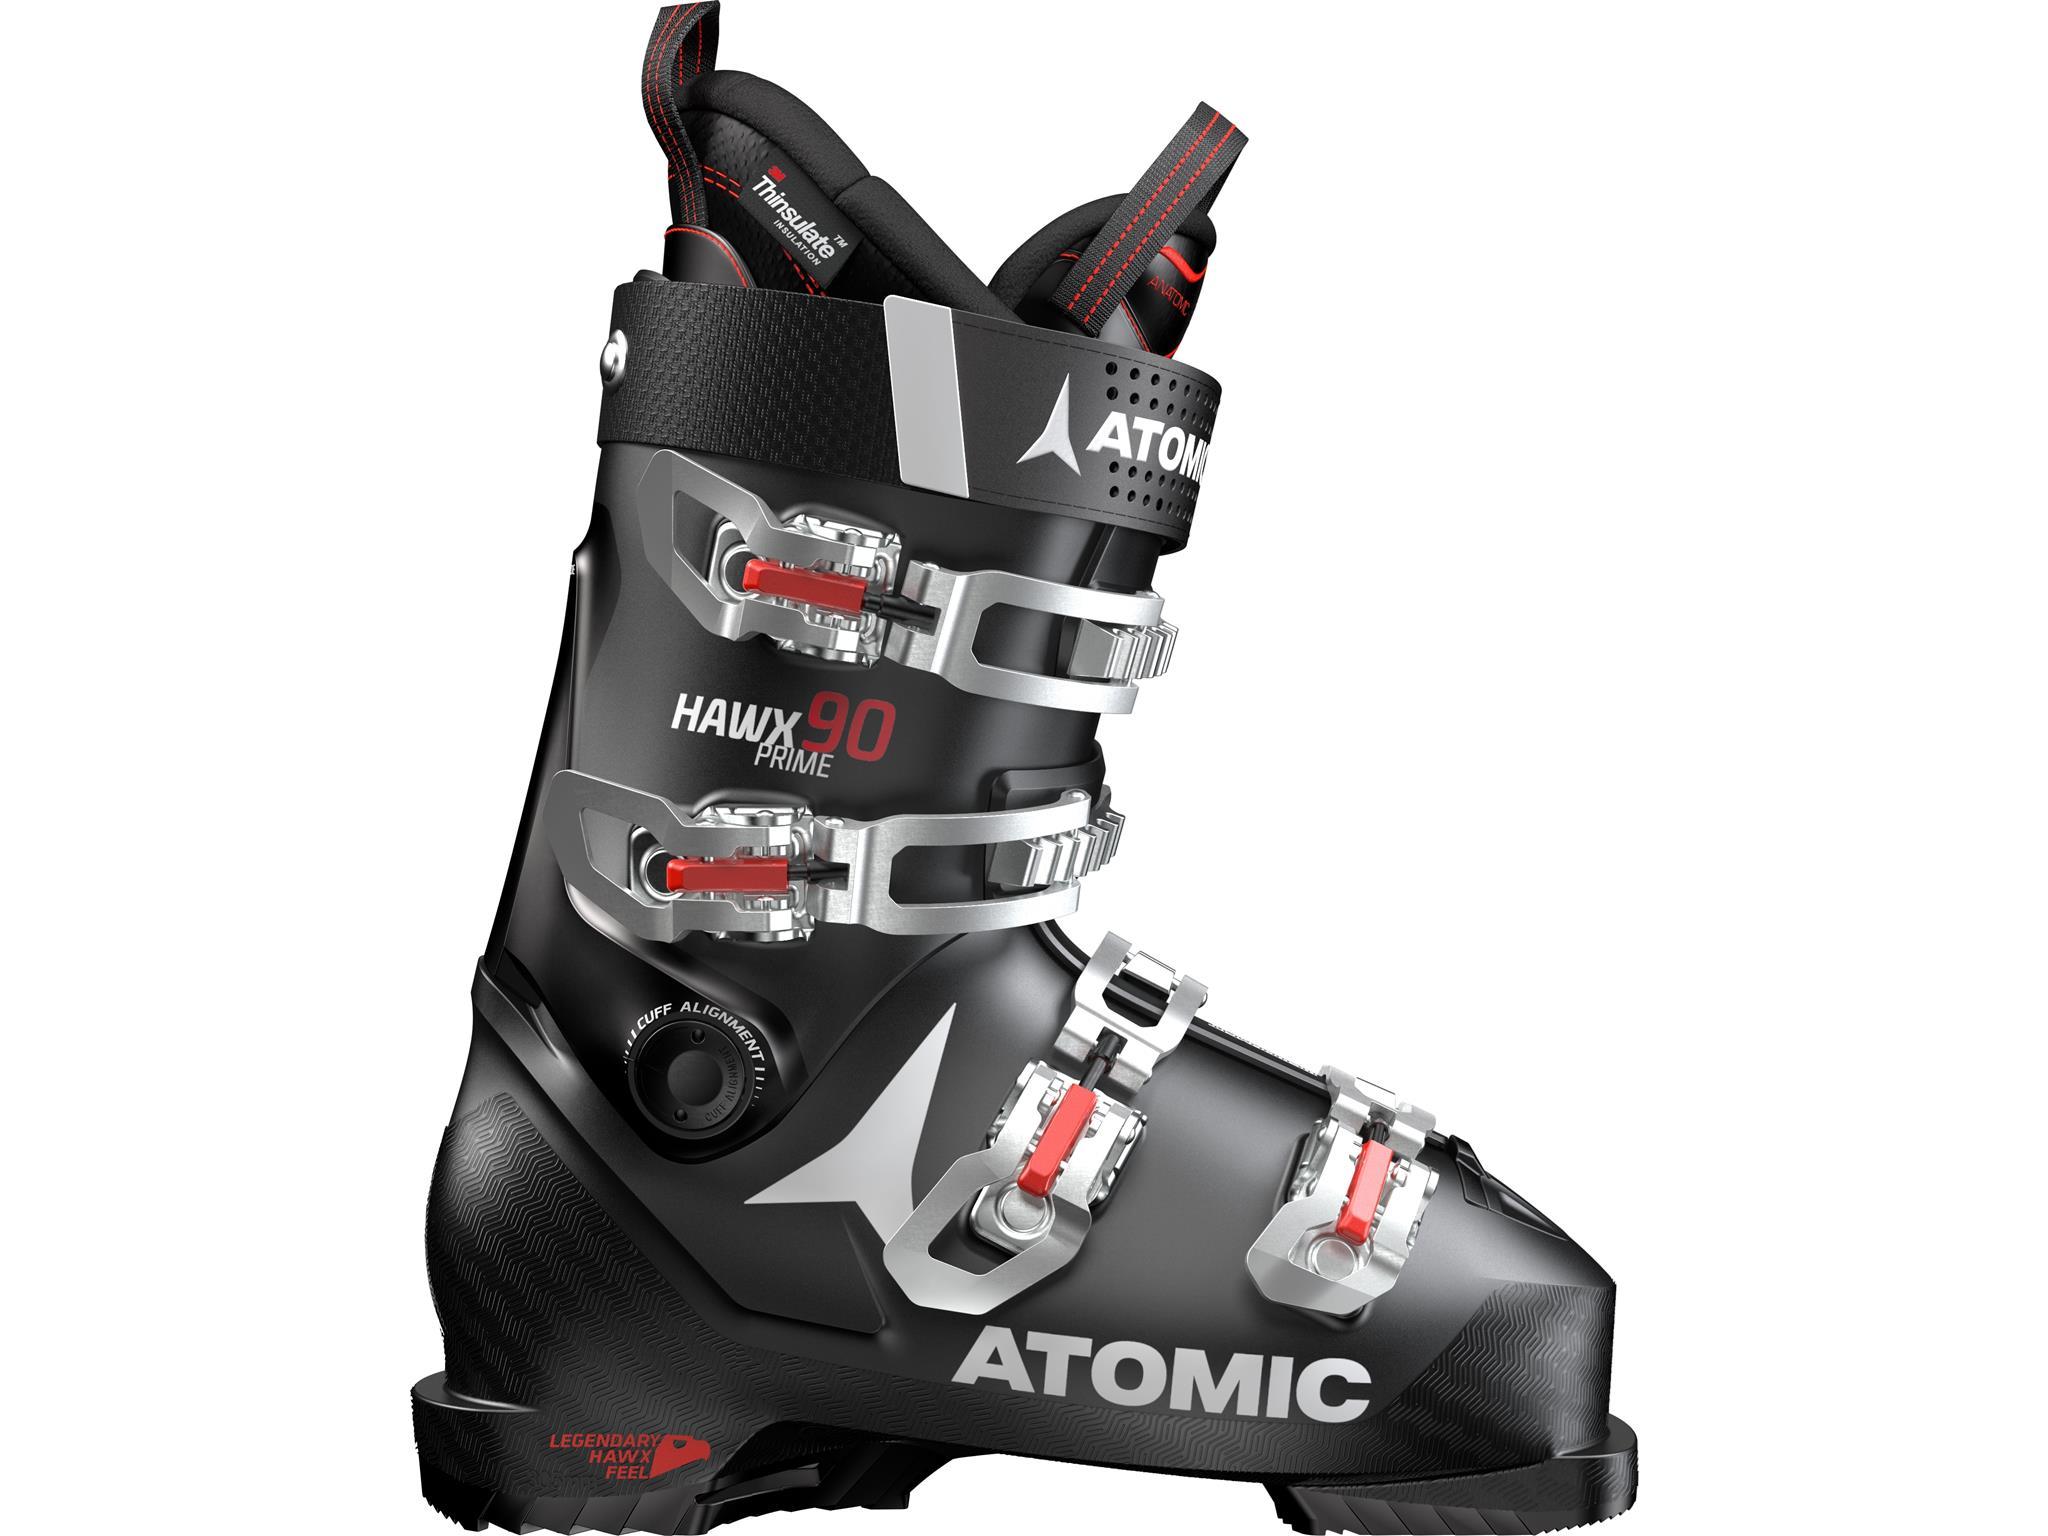 ce0778c01 Buty narciarskie Atomic Hawx Prime 90 - Sklep internetowy Skifanatic.pl